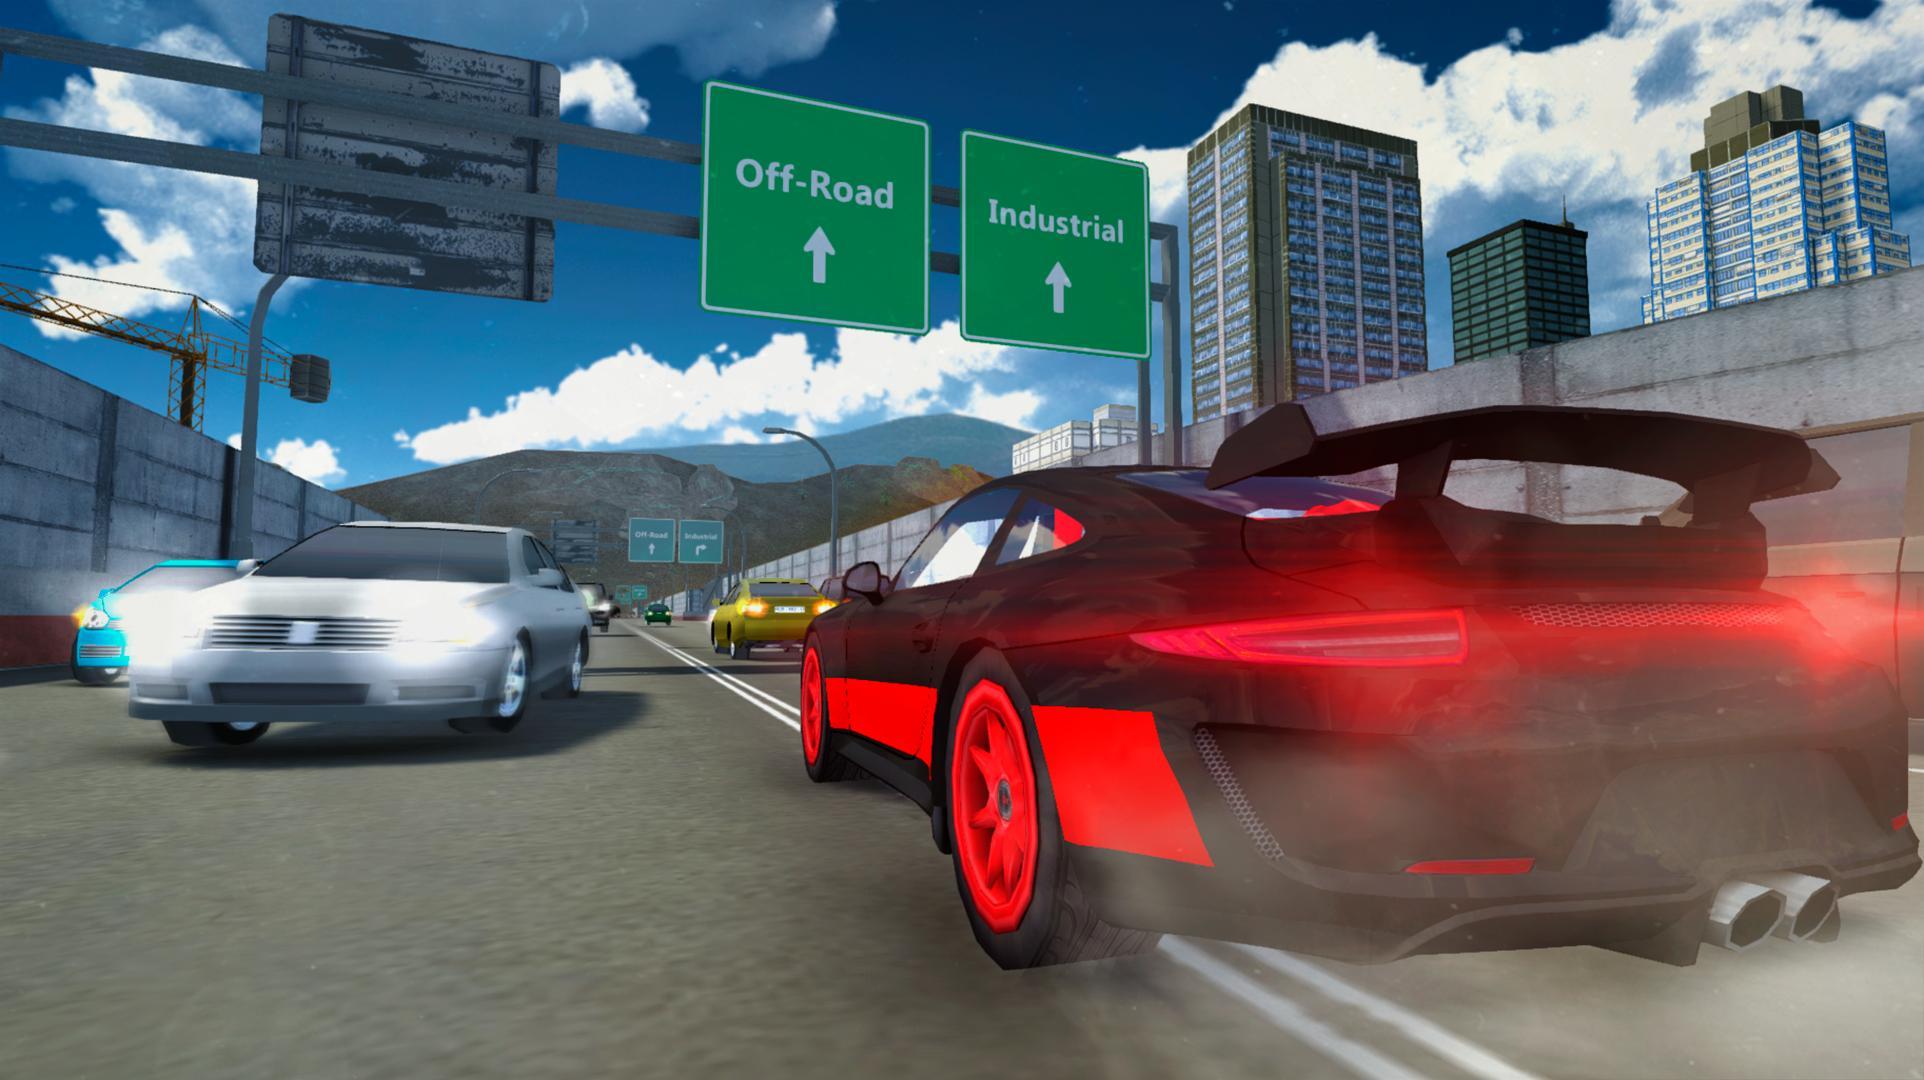 Driving Racing Car >> Racing Car Driving Simulator For Android Apk Download